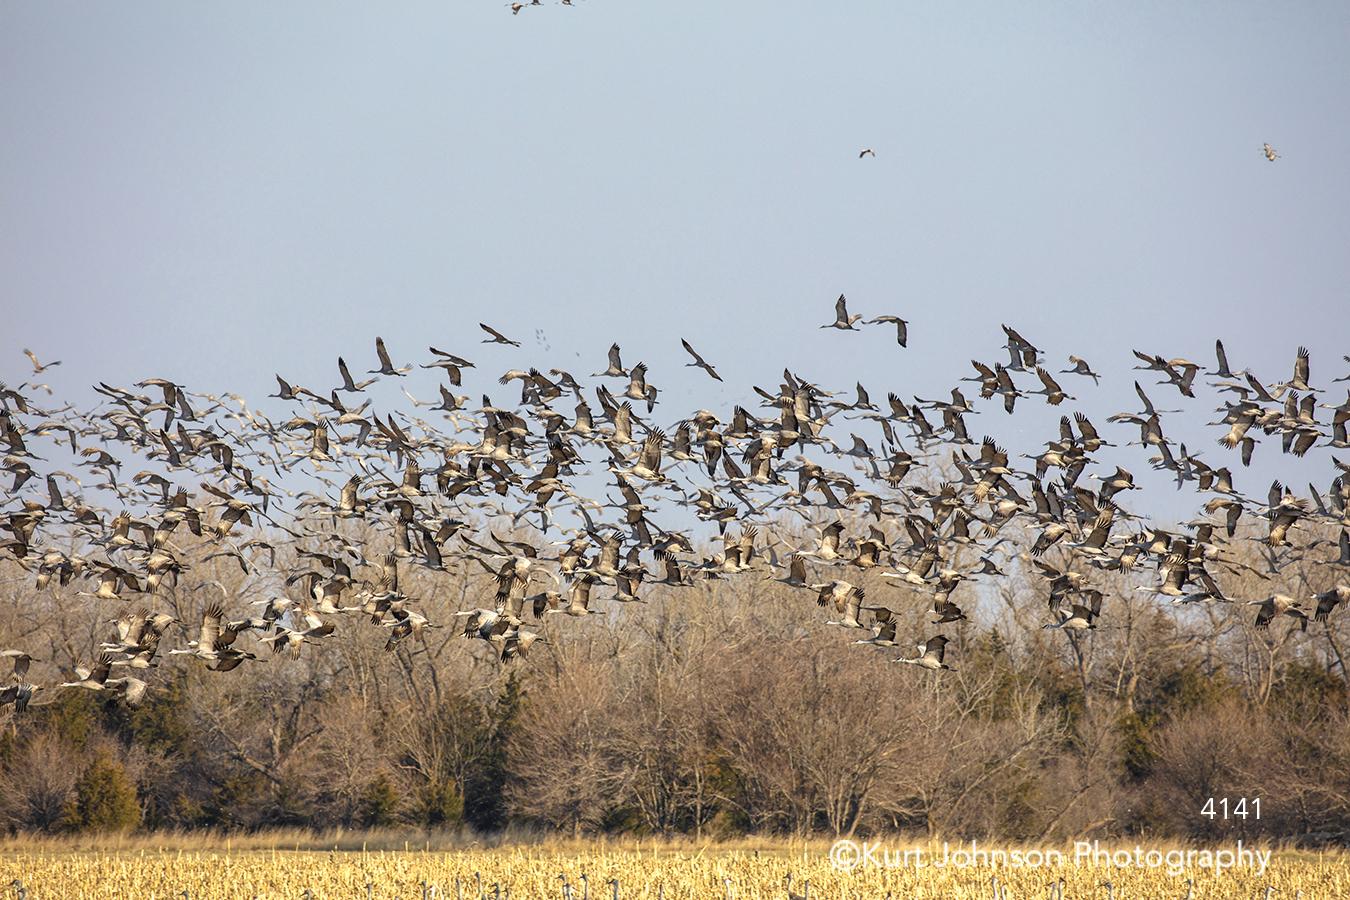 sandhill crane cranes midwest bird flying sandhills yellow wheat field landscape animal wildlife